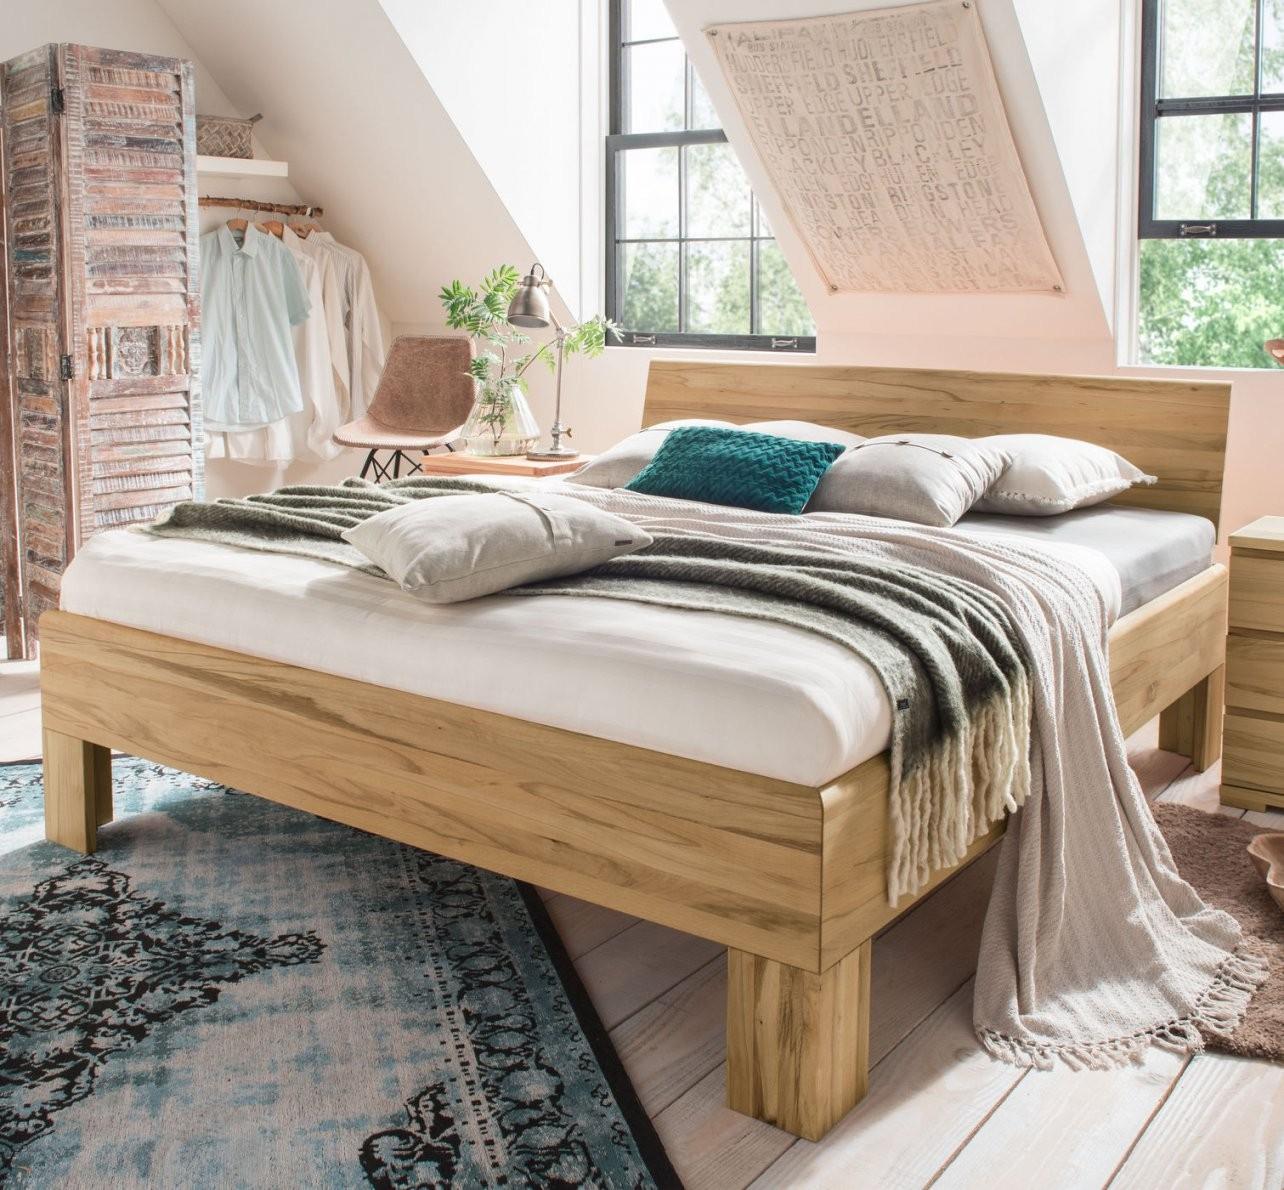 Bett Mit Zwei Matratzen  The Kreischer Mansion von Bett Mit Zwei Matratzen Bild